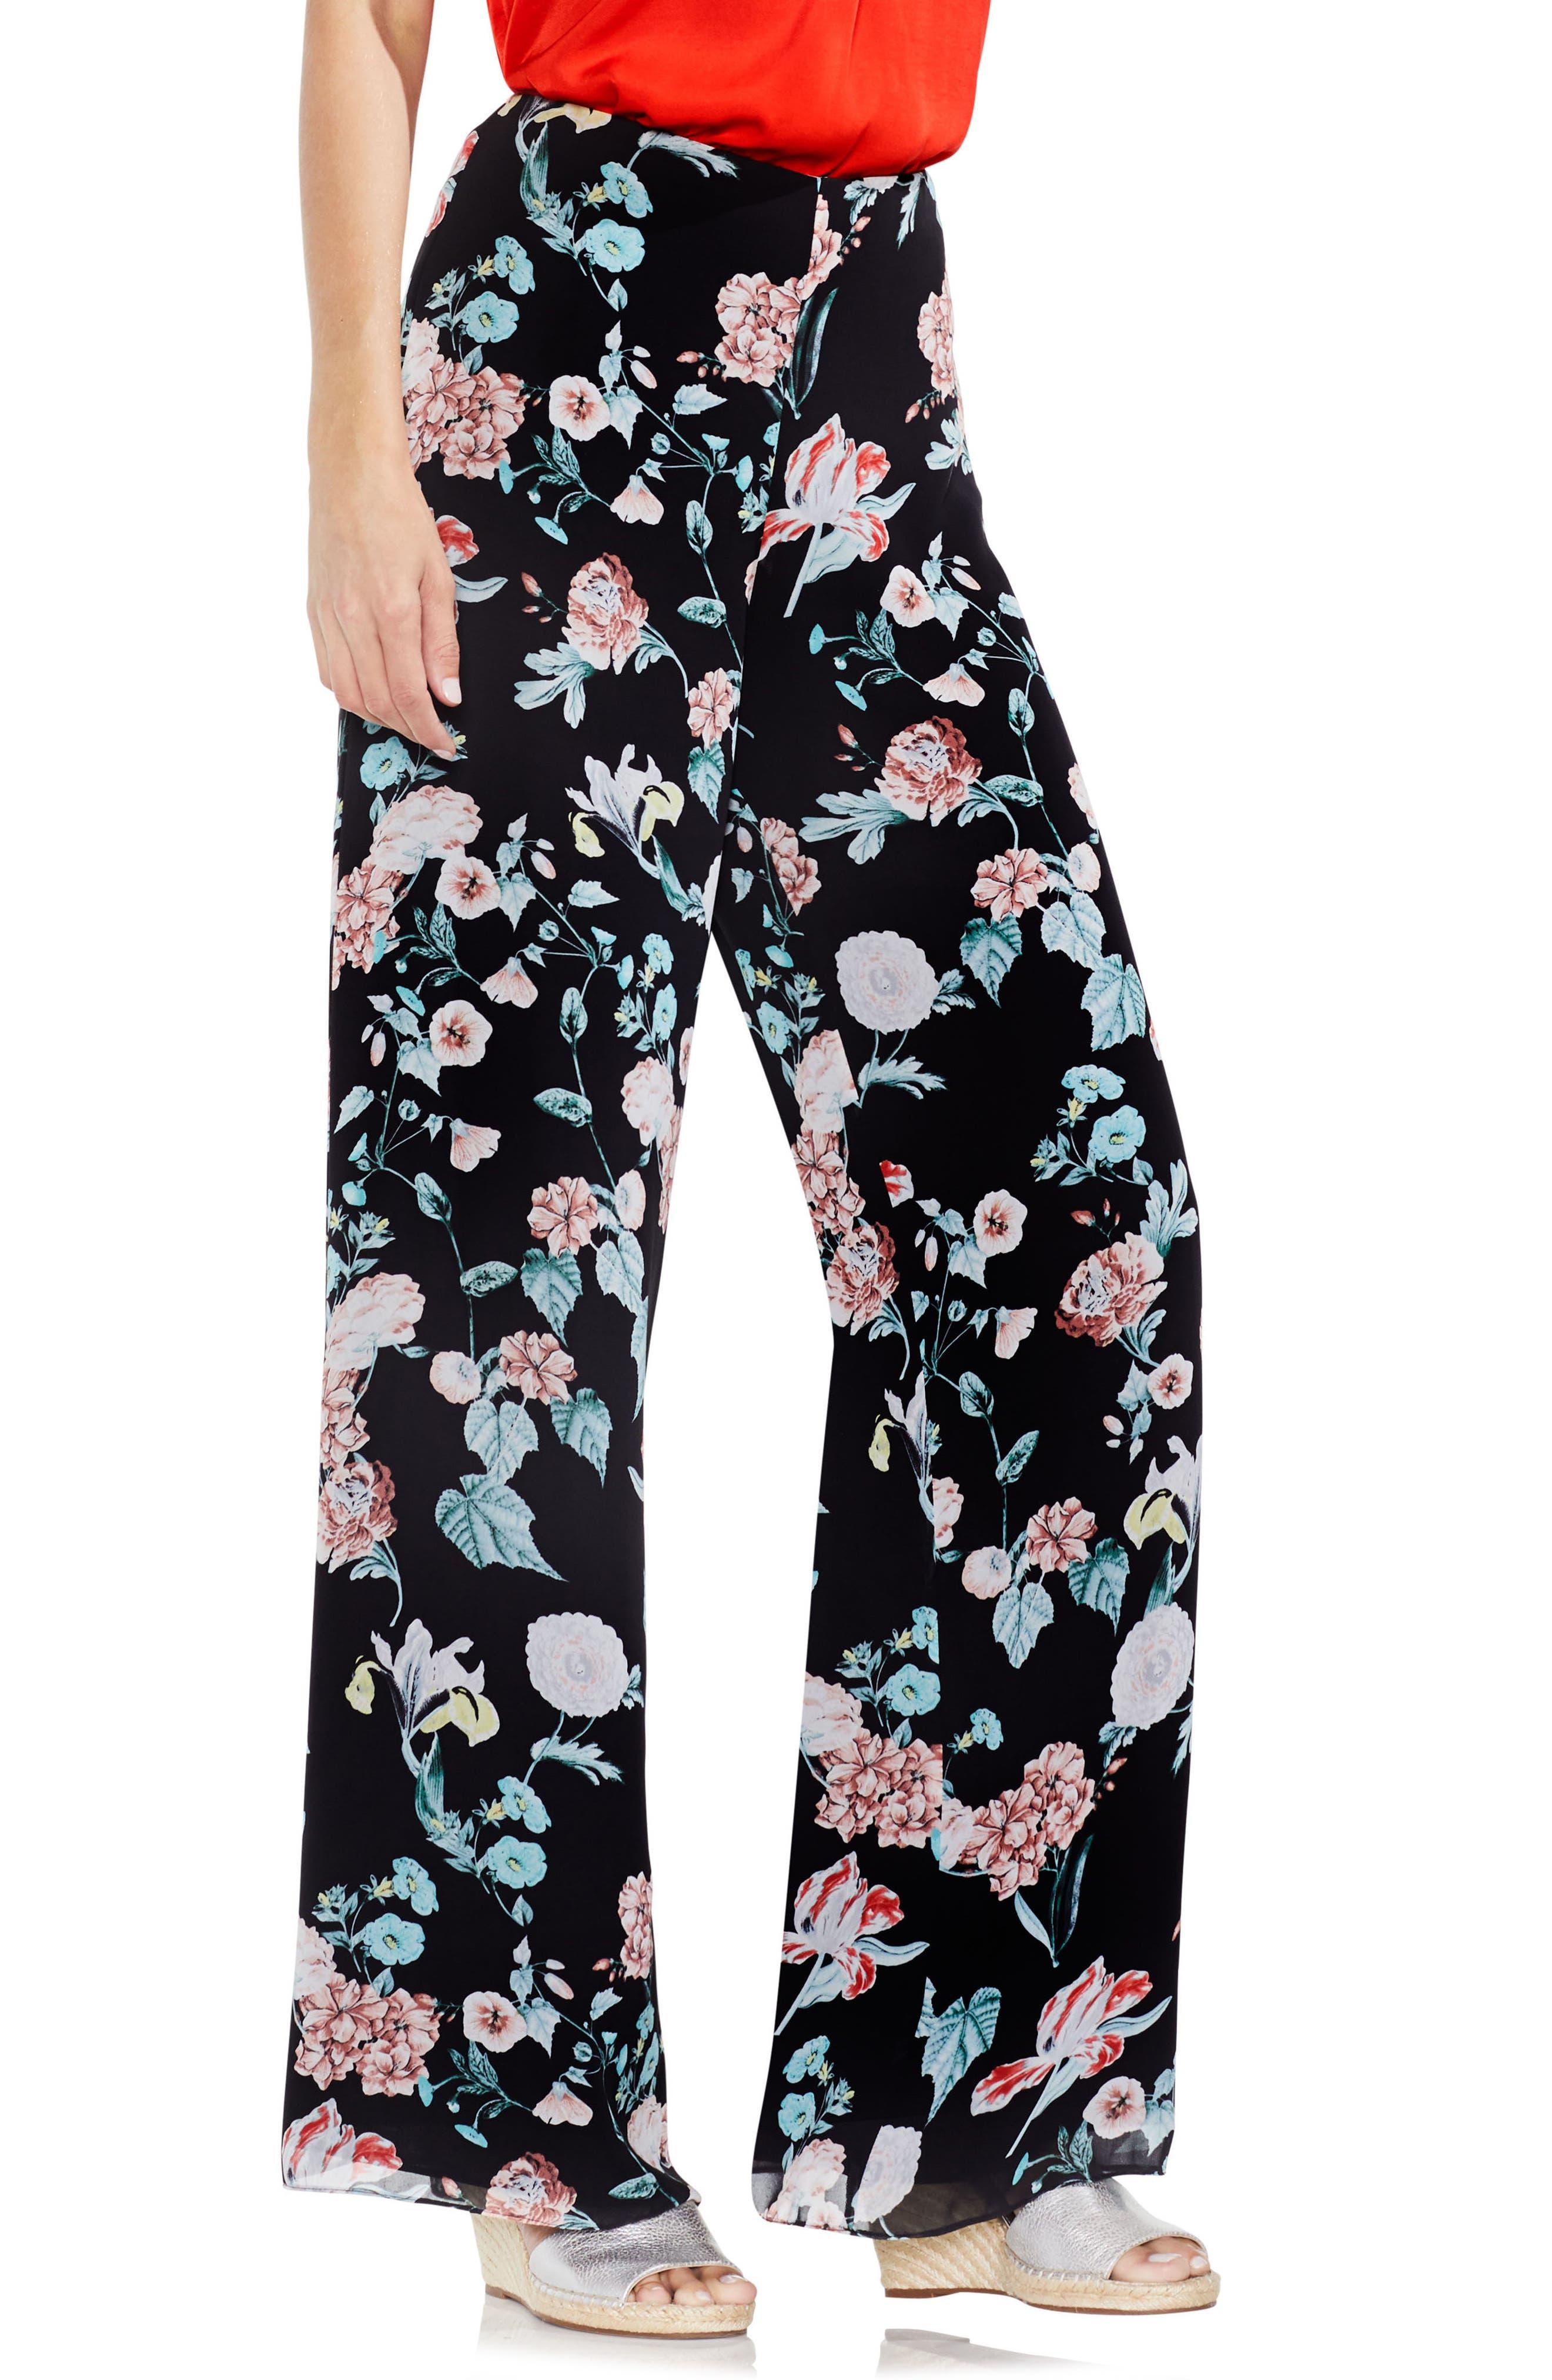 Floral Gardens Wide Leg Pants,                             Main thumbnail 1, color,                             006